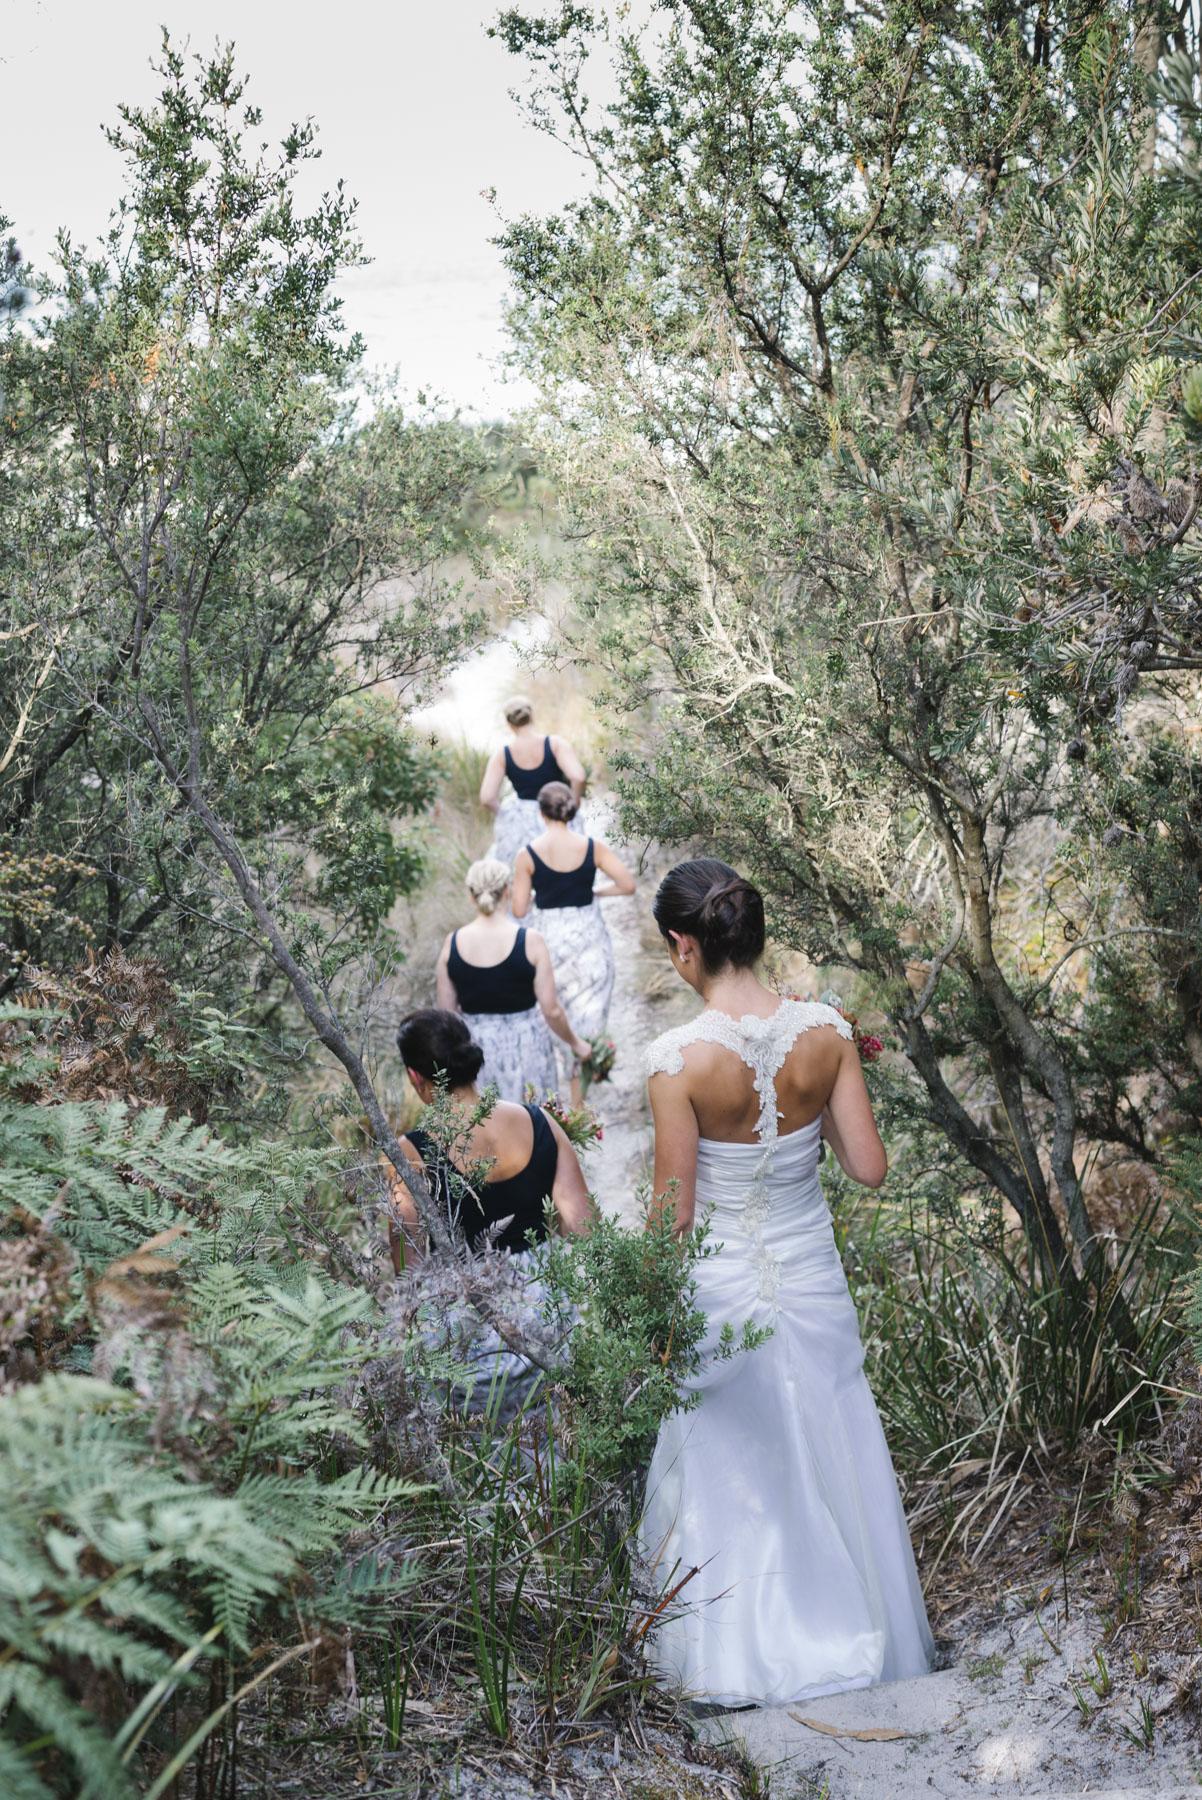 1501curchill-275alan_moyle_wedding_portrait_brighton_bayside_bay_of_fires_rustic_styled_rustic_beach_candid_documentry_binalongbay_tasmania_destination.jpg